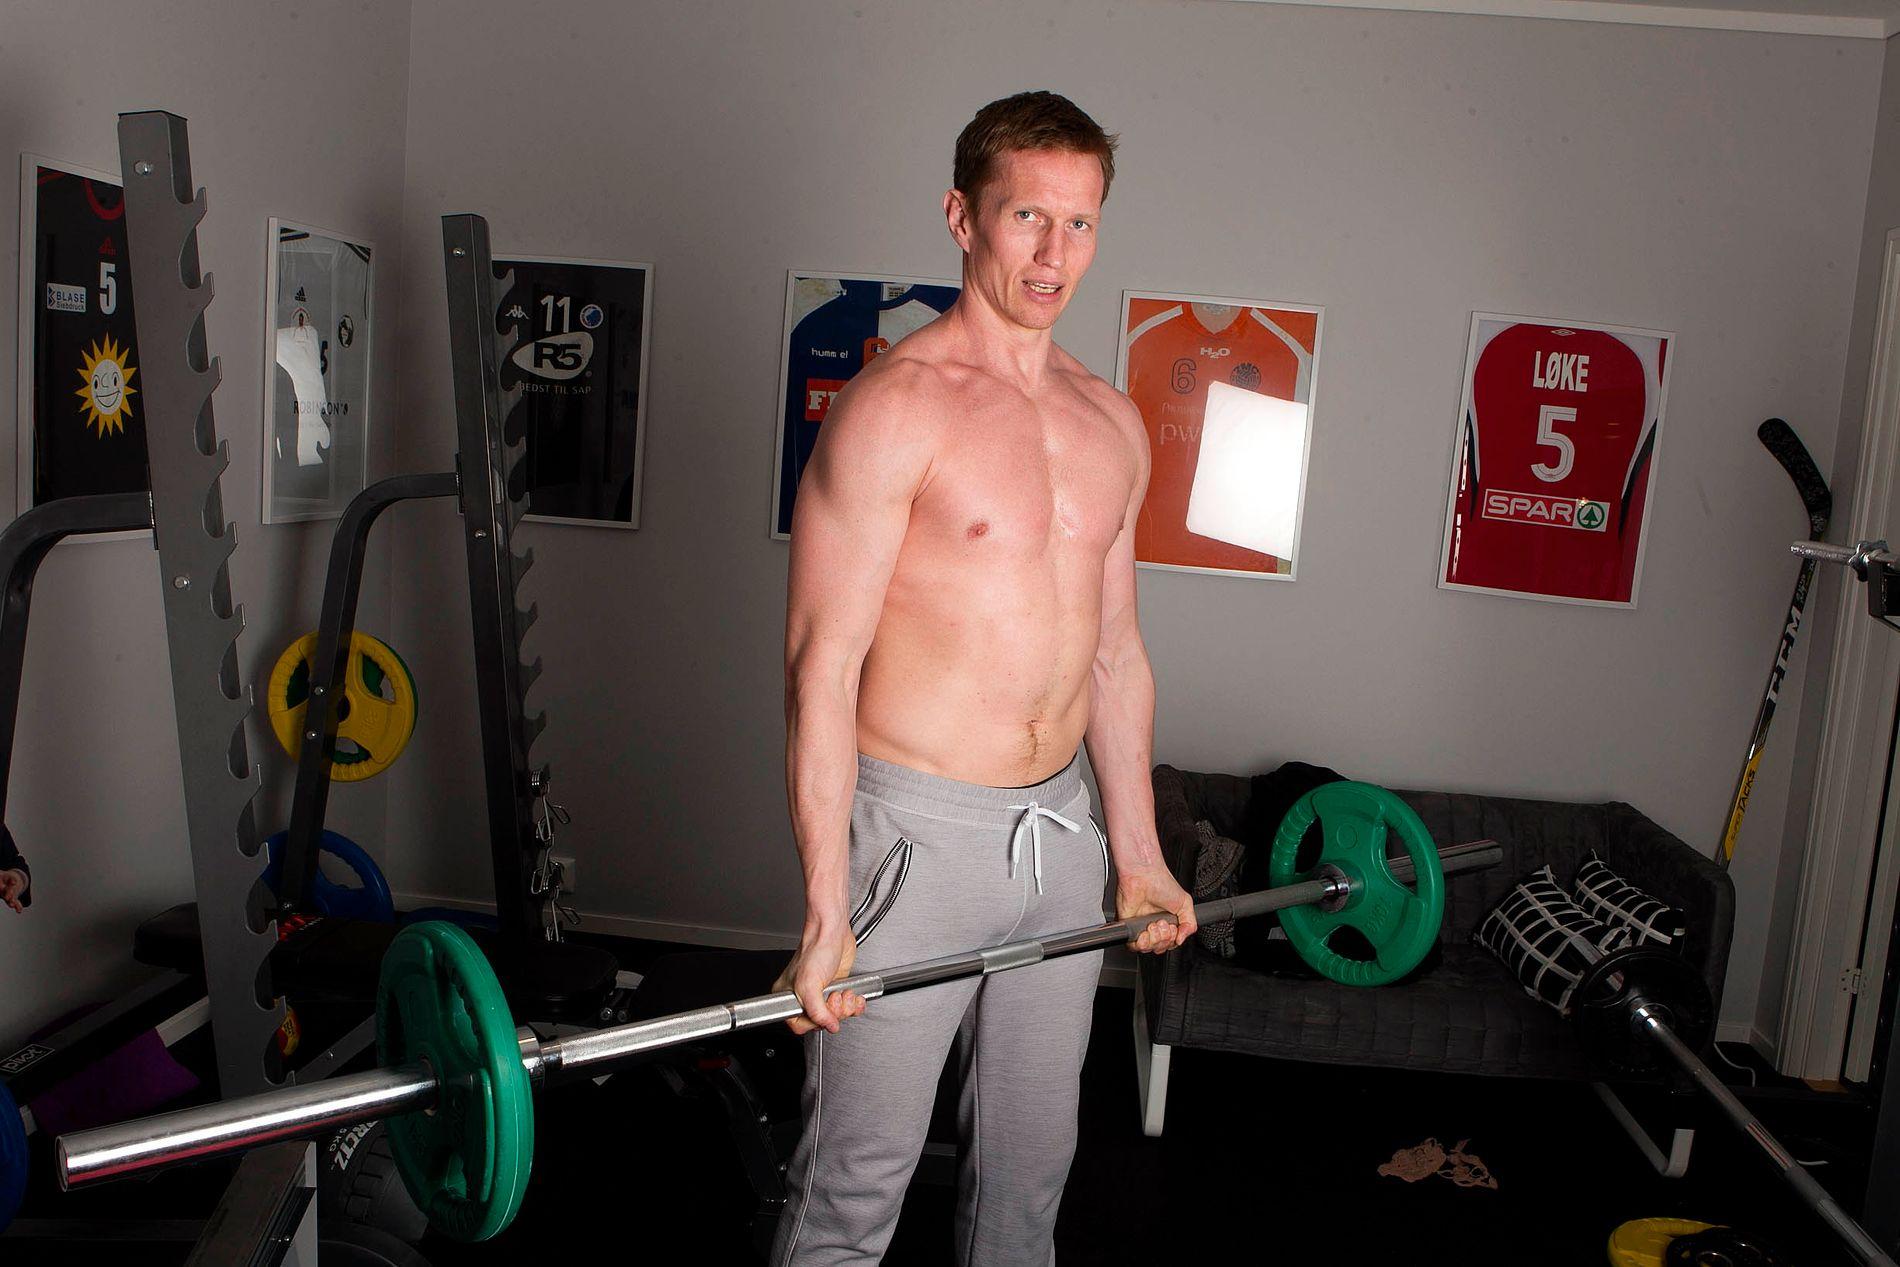 TRENER HARDT: Frank Løke er ikke veldig redd for å kaste skjorta. Spesielt ikke når han befinner seg i sitt eget treningsrom.